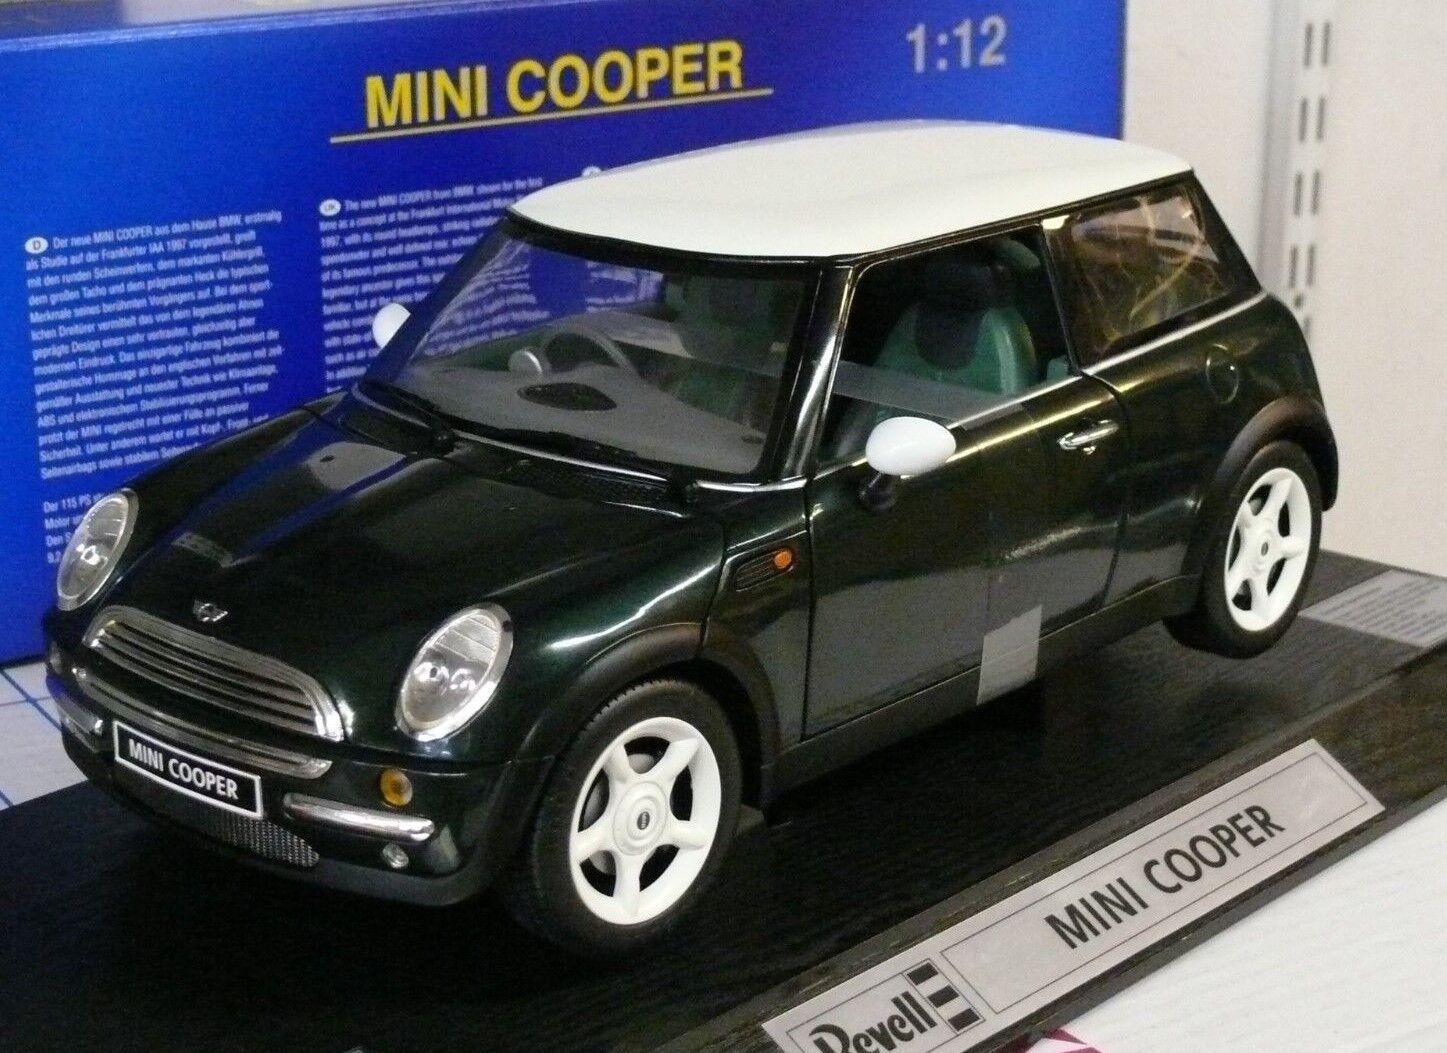 NEW MINI COOPER, 1 12ème METAL, BRG, parties ouvrantes - REVELL référence 08452